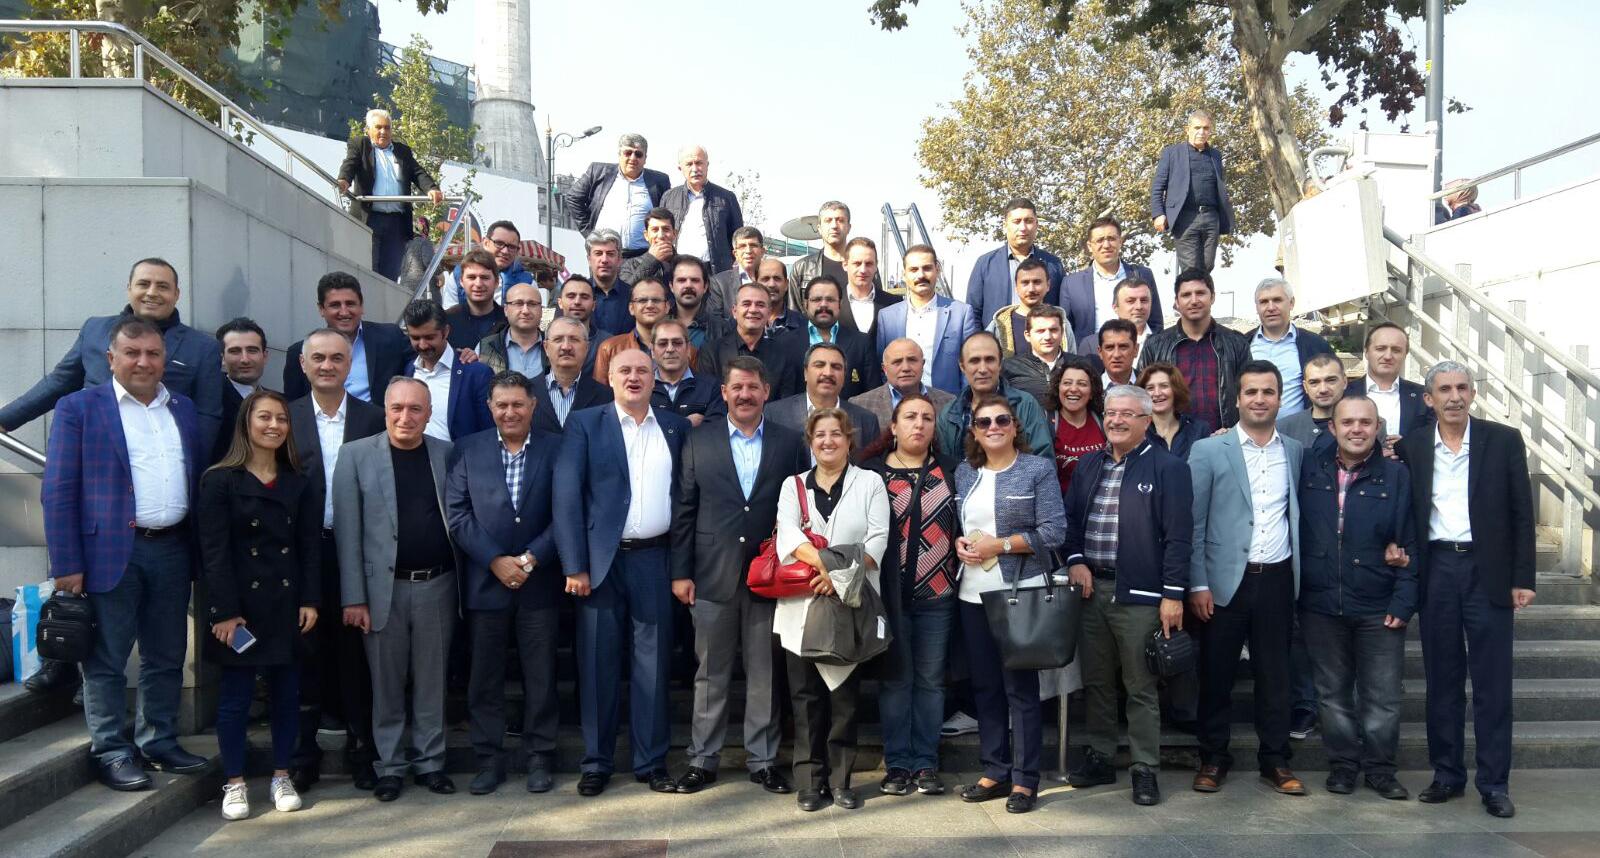 İstanbul 15 No'lu Şube Temsilcilerimiz Kahvaltıda Biraraya Geldi